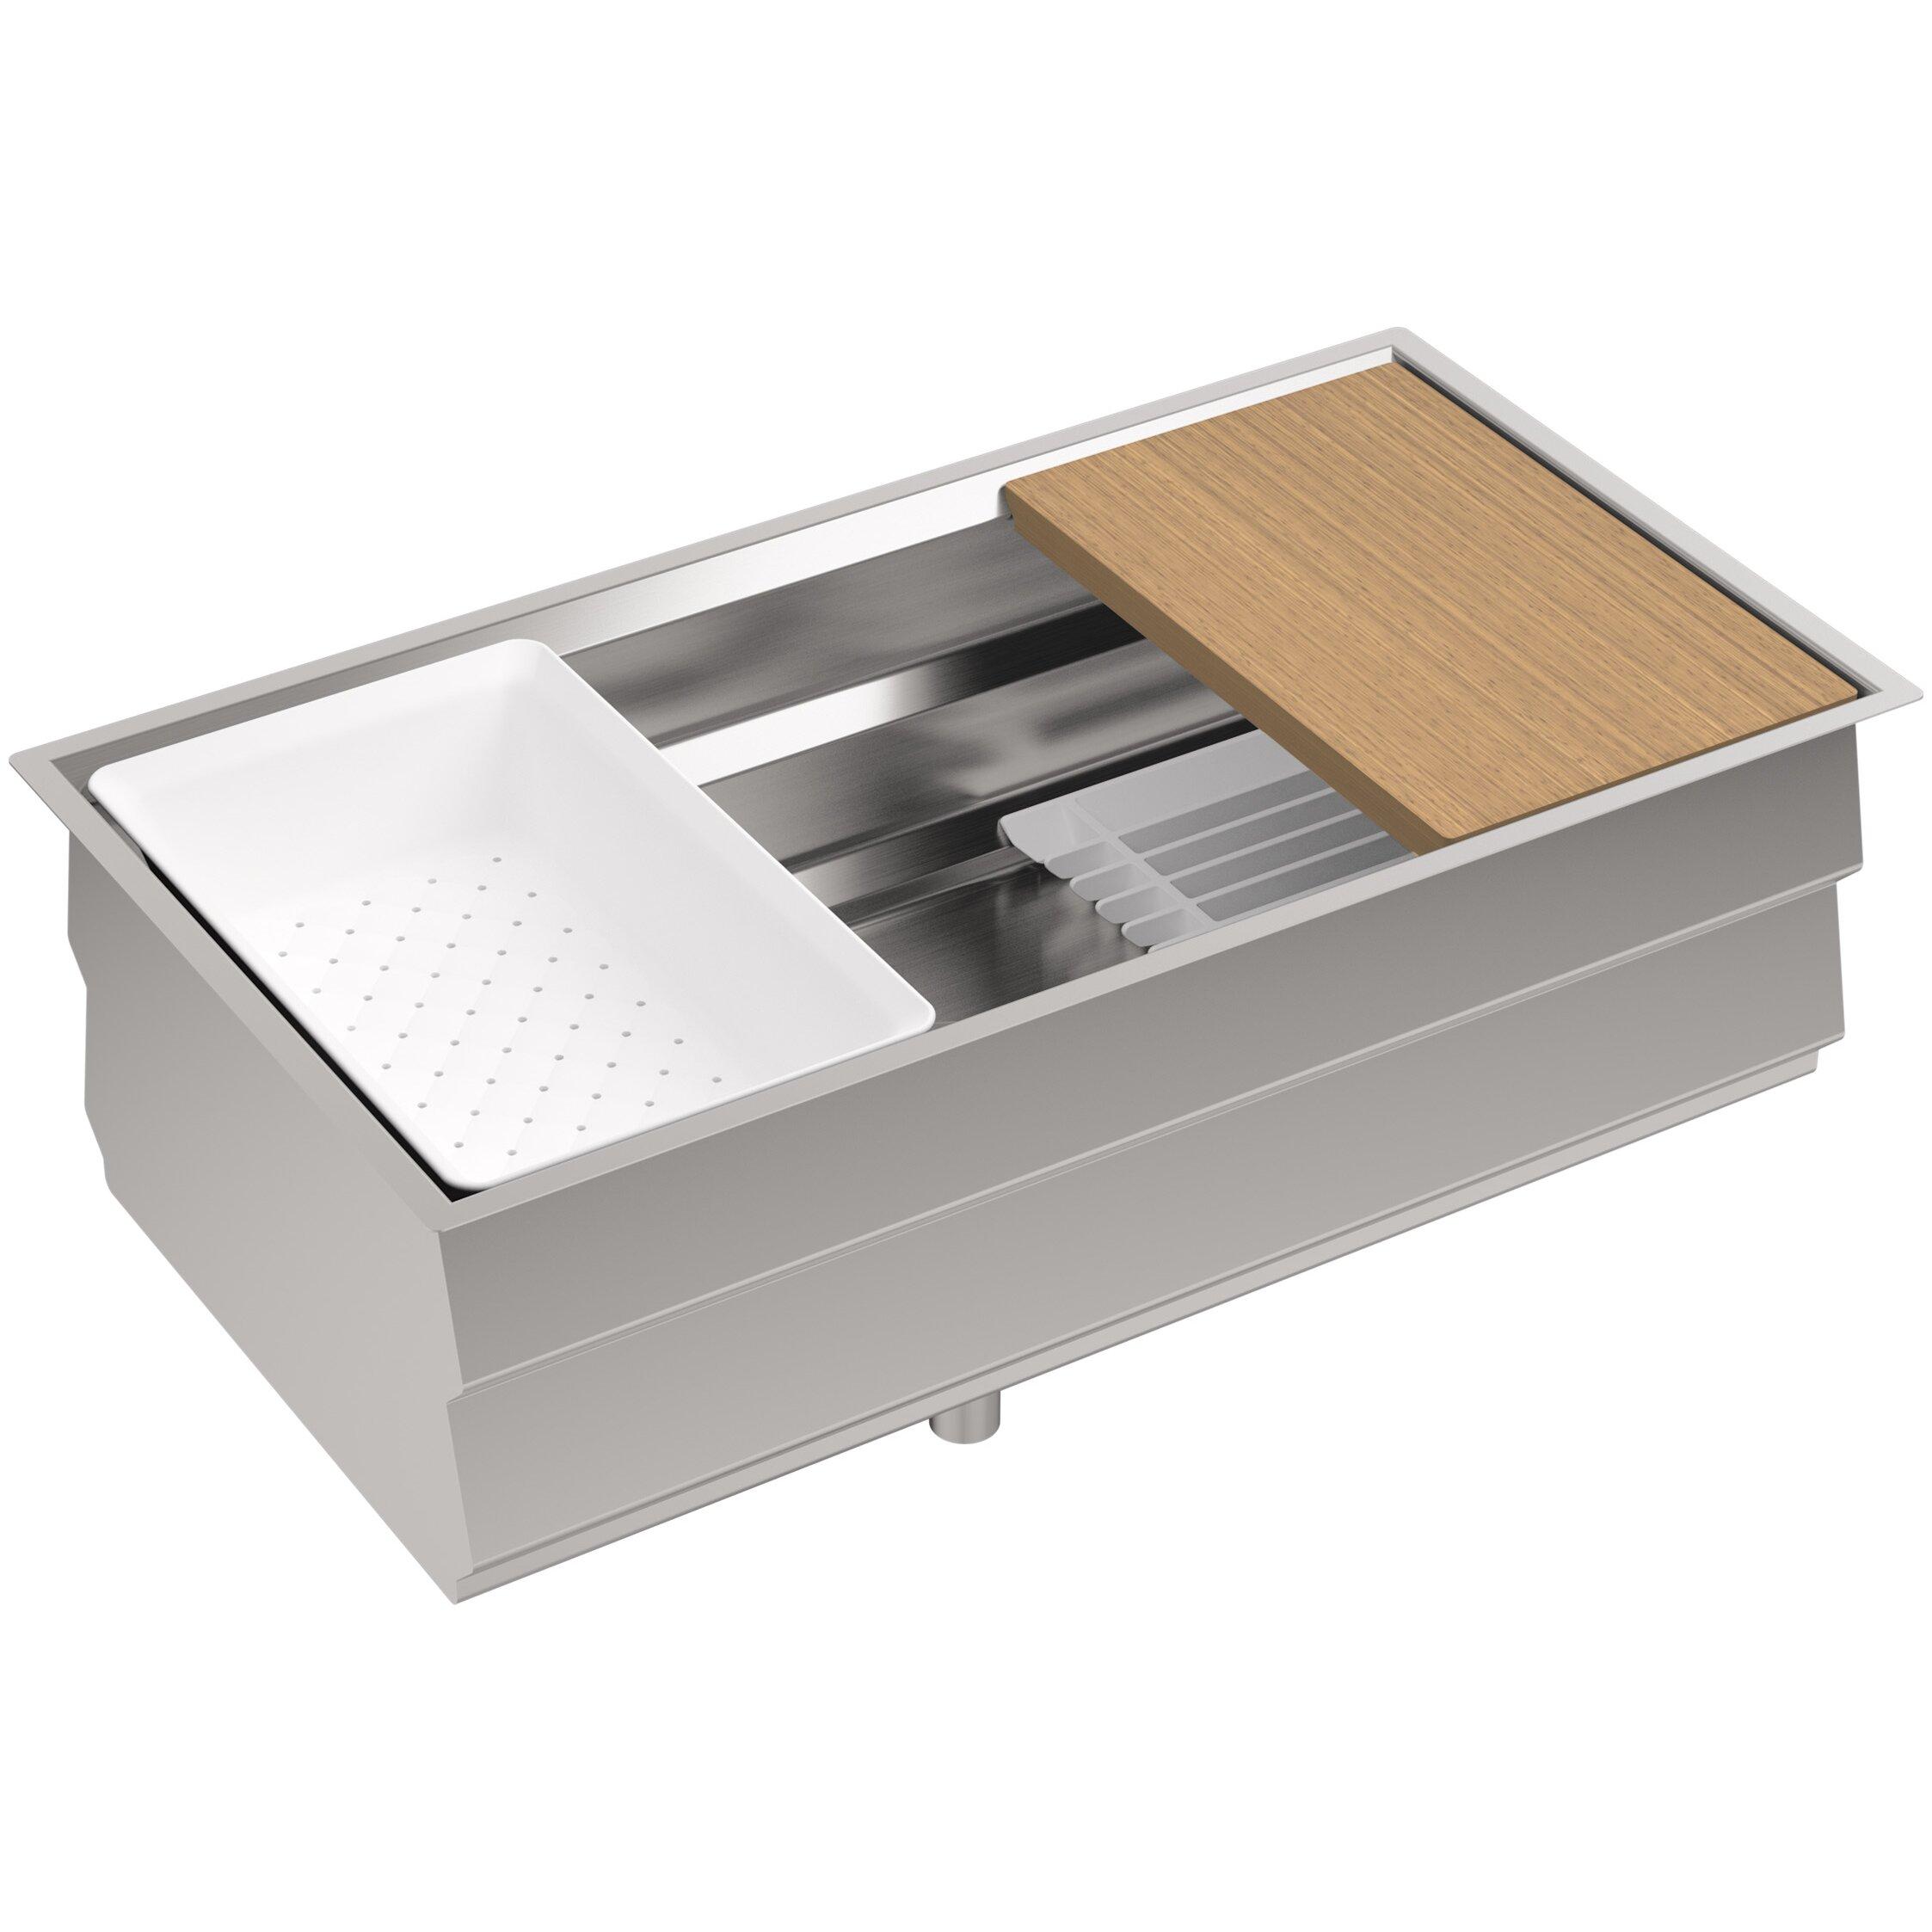 Kohler Sink Protectors : Kohler Prolific 33